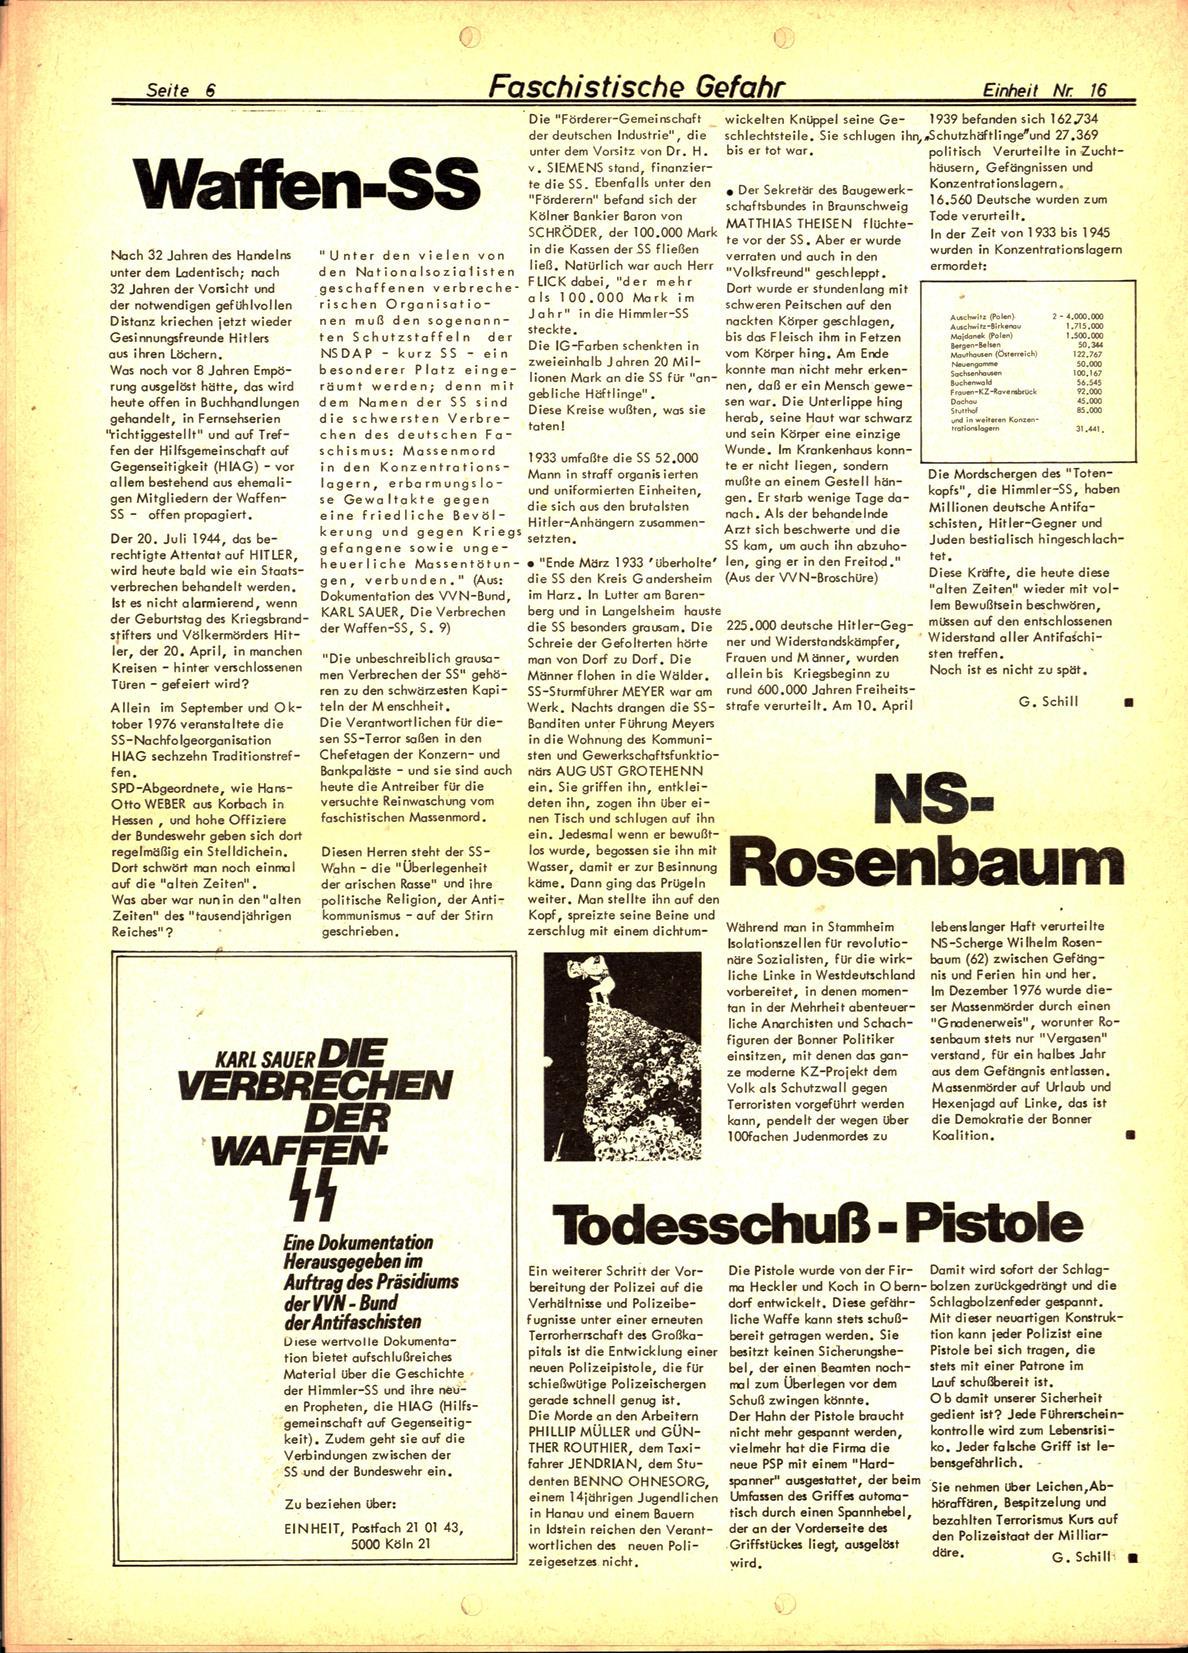 Koeln_IPdA_Einheit_1977_016_006